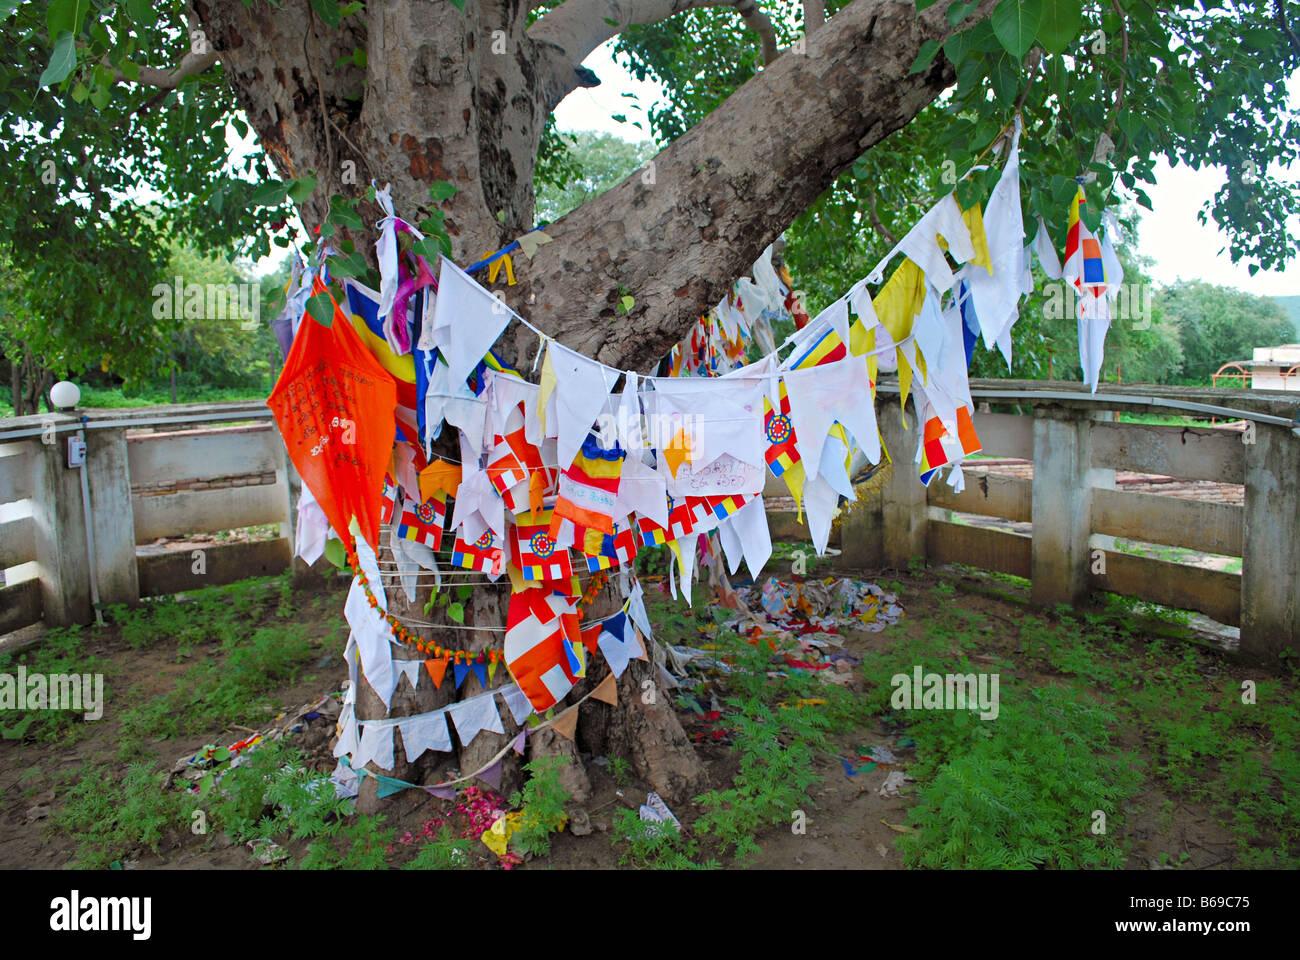 Arbre des désirs, à l'extérieur de Sanchi Stupa, Sanchi, Madhya Pradesh. Banque D'Images